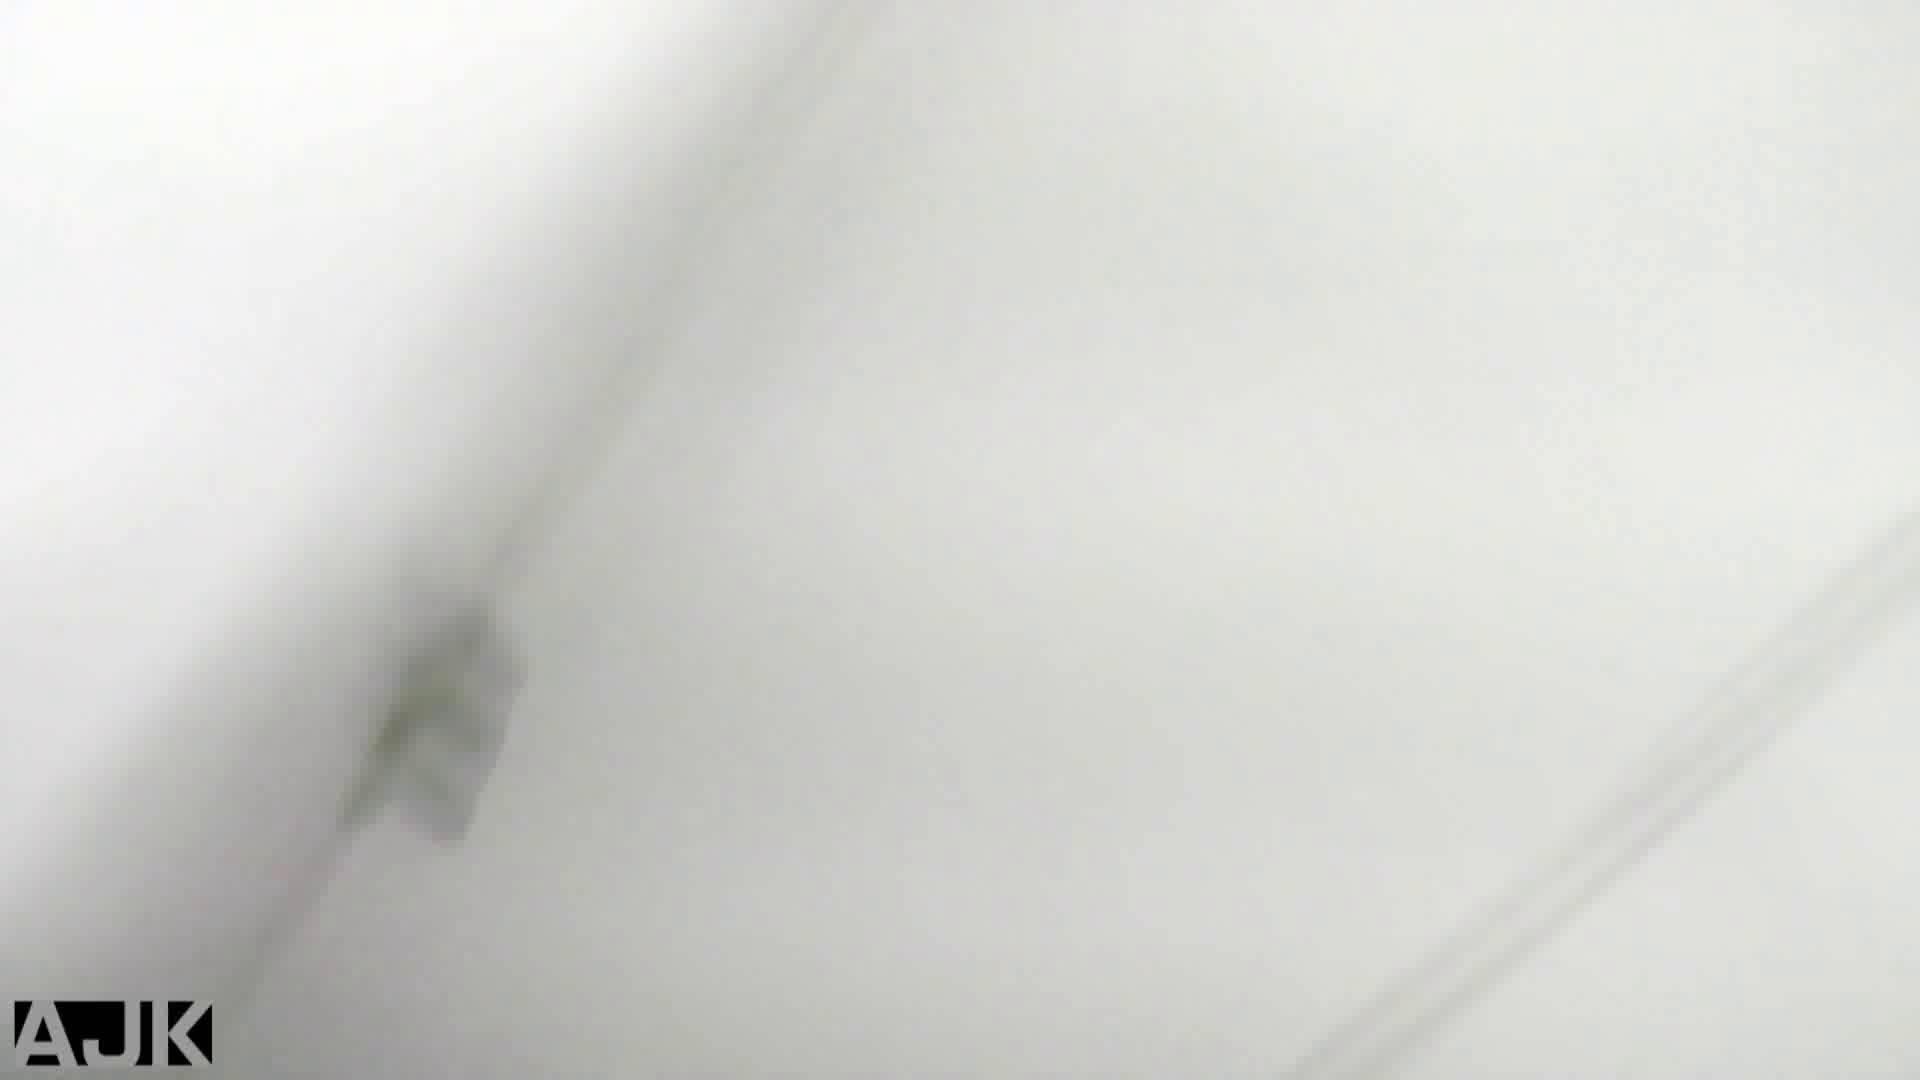 隣国上階級エリアの令嬢たちが集うデパートお手洗い Vol.09 盗撮・必見 AV無料動画キャプチャ 73画像 35